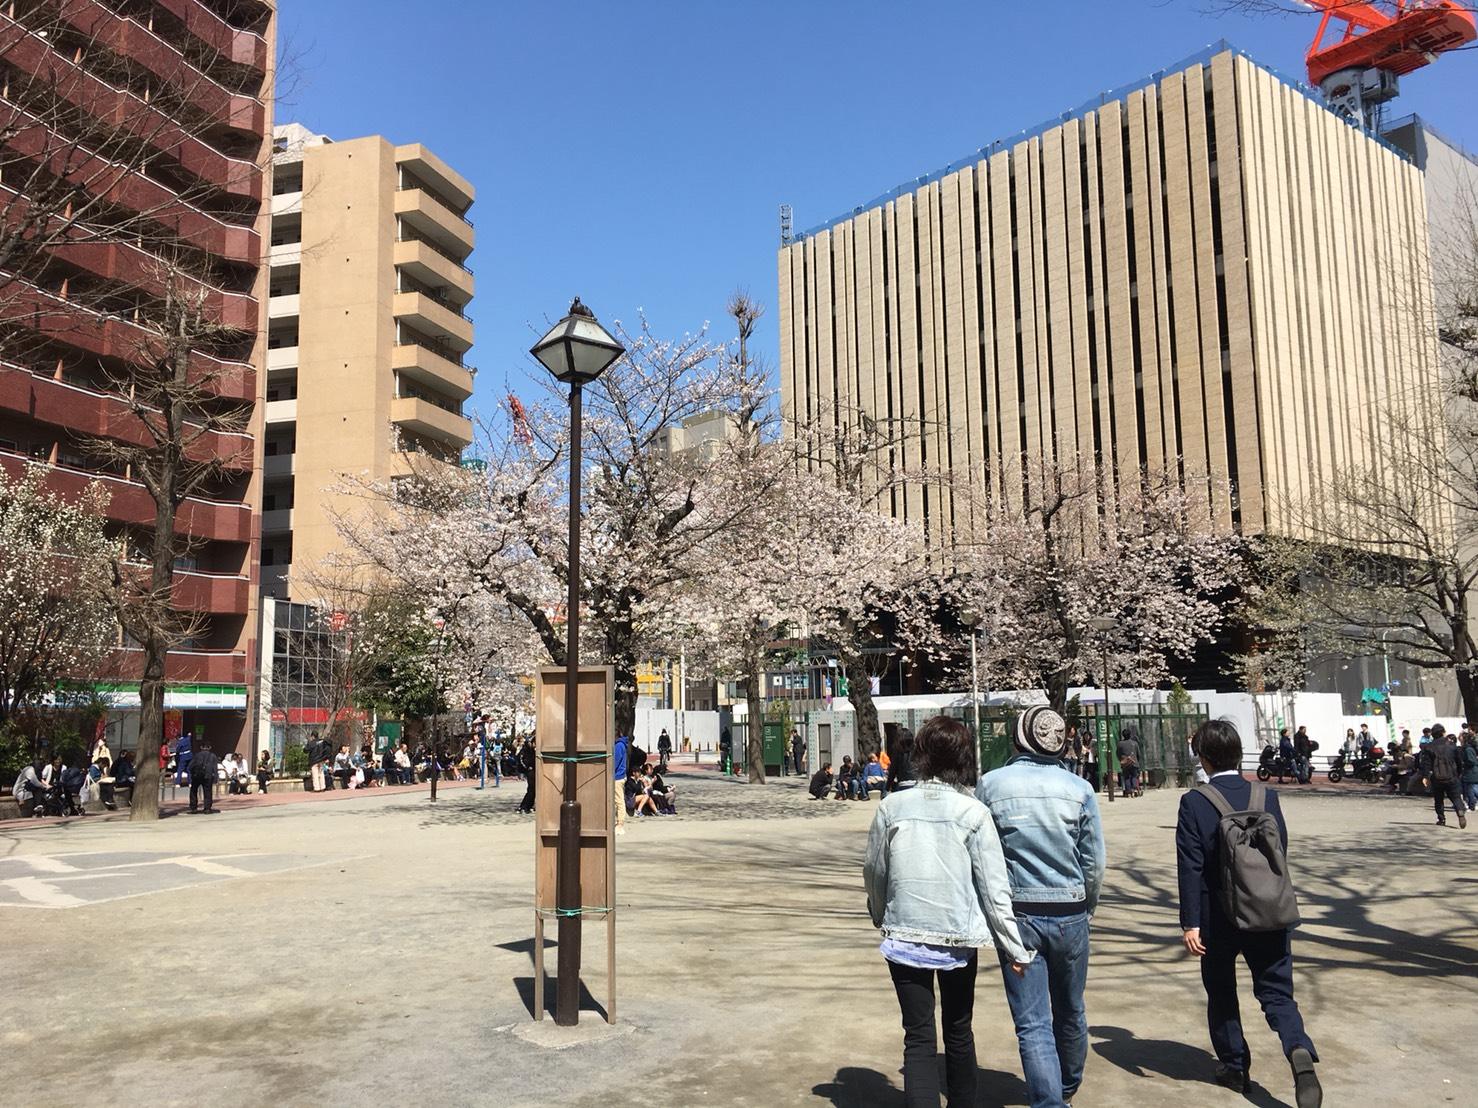 【池袋駅】春爛漫!公園まわって桜を見に行こう!池袋東口の満開公園お花見散歩コース。の中池袋公園1